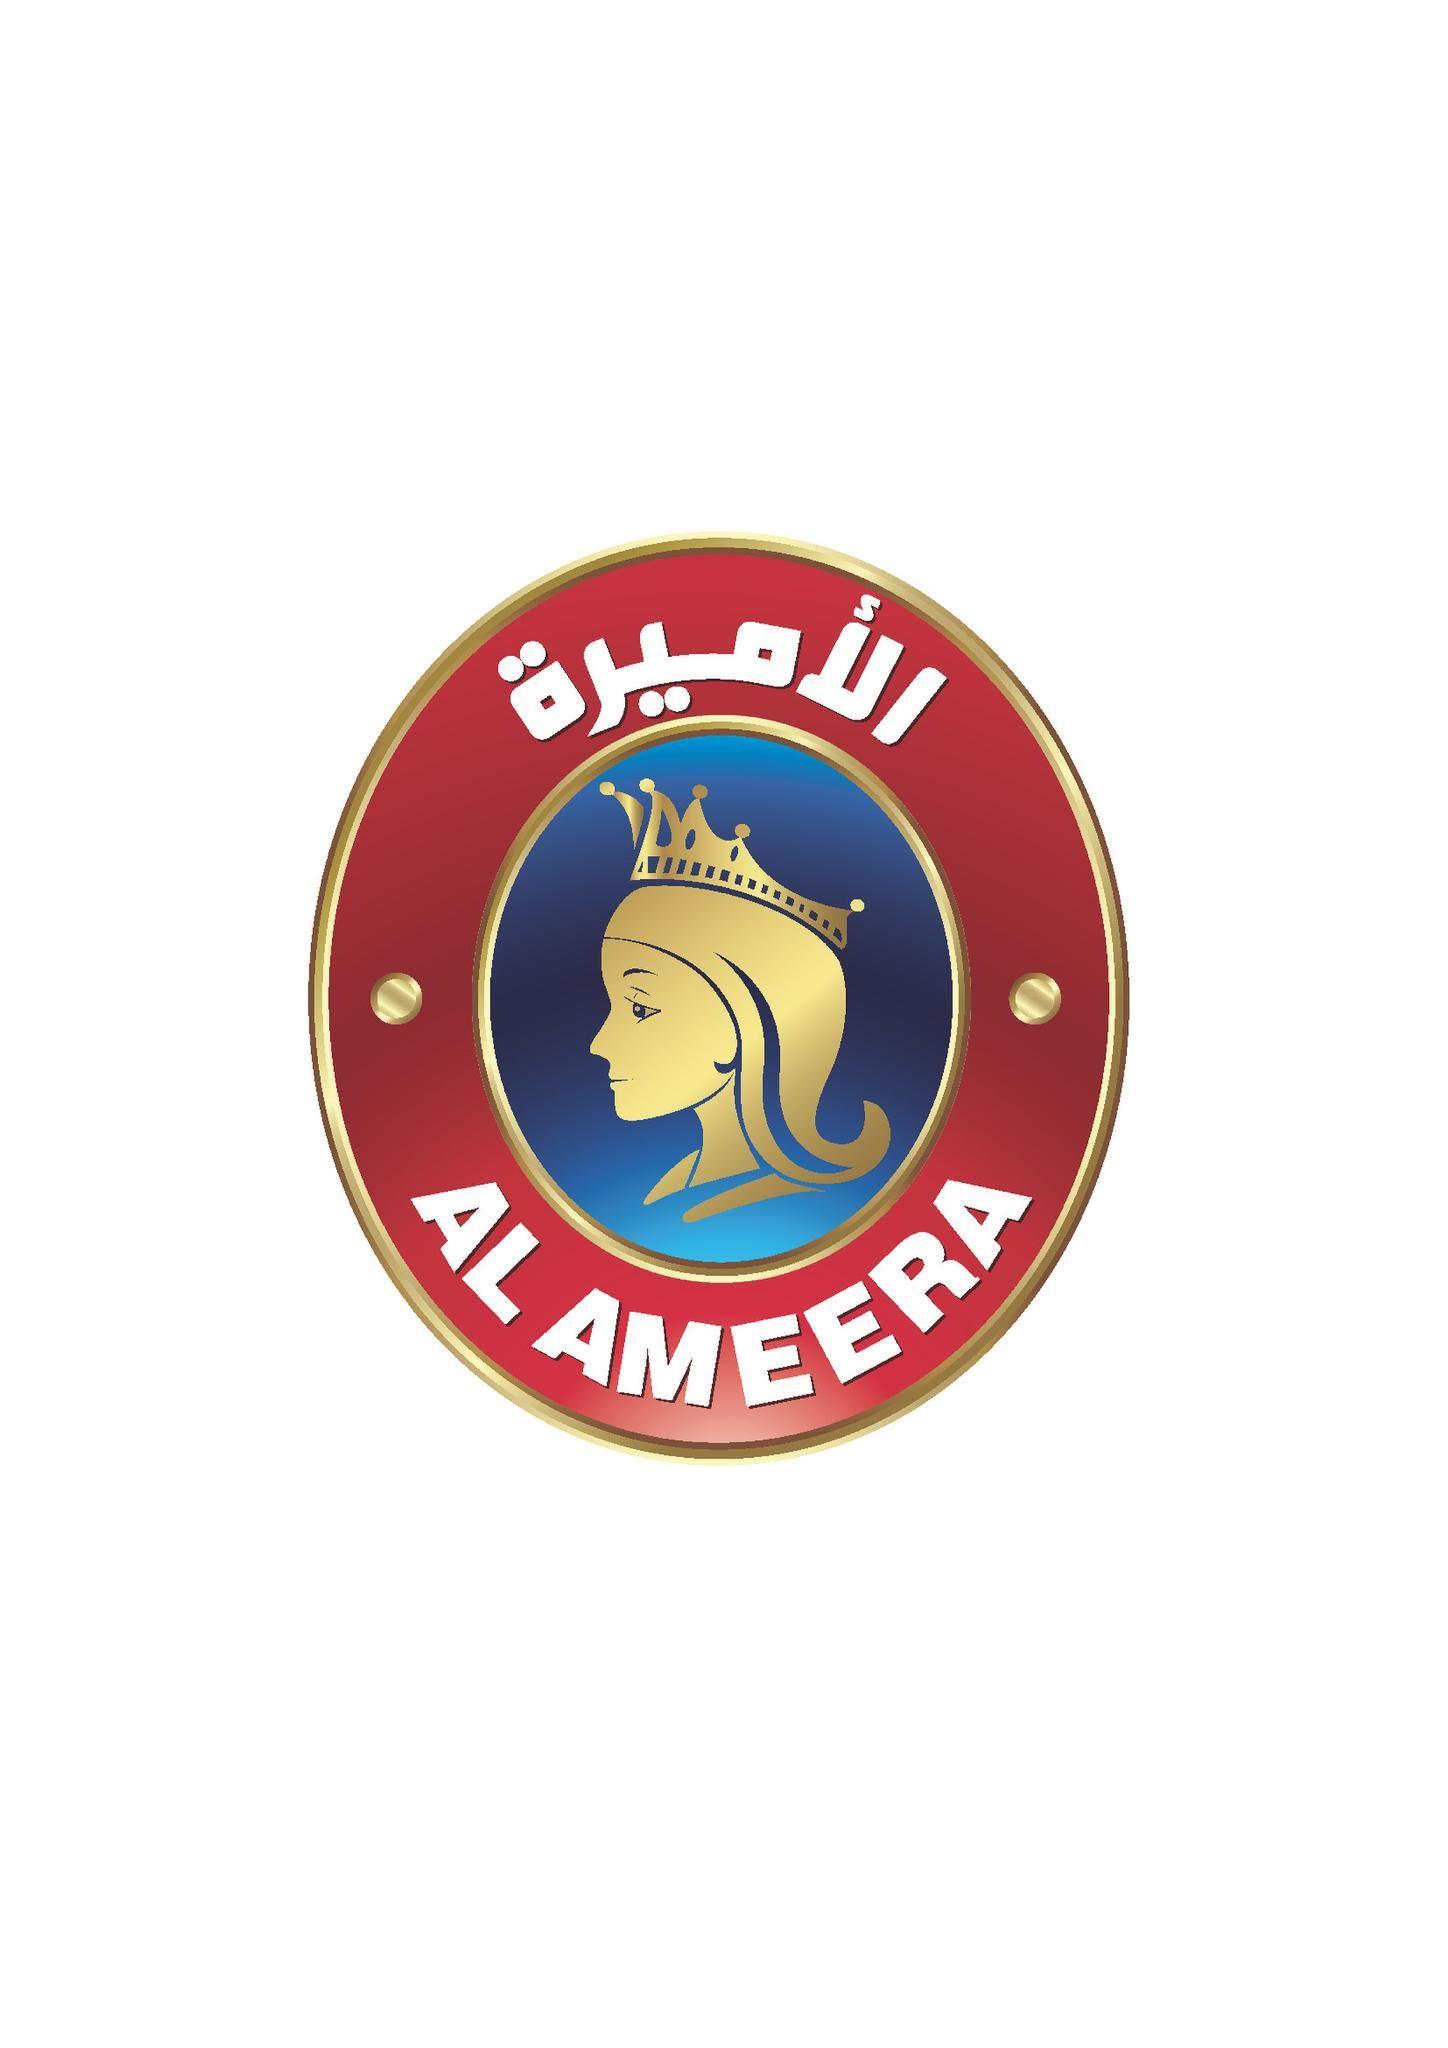 AL AMEERA CHEESECAKE HALWA